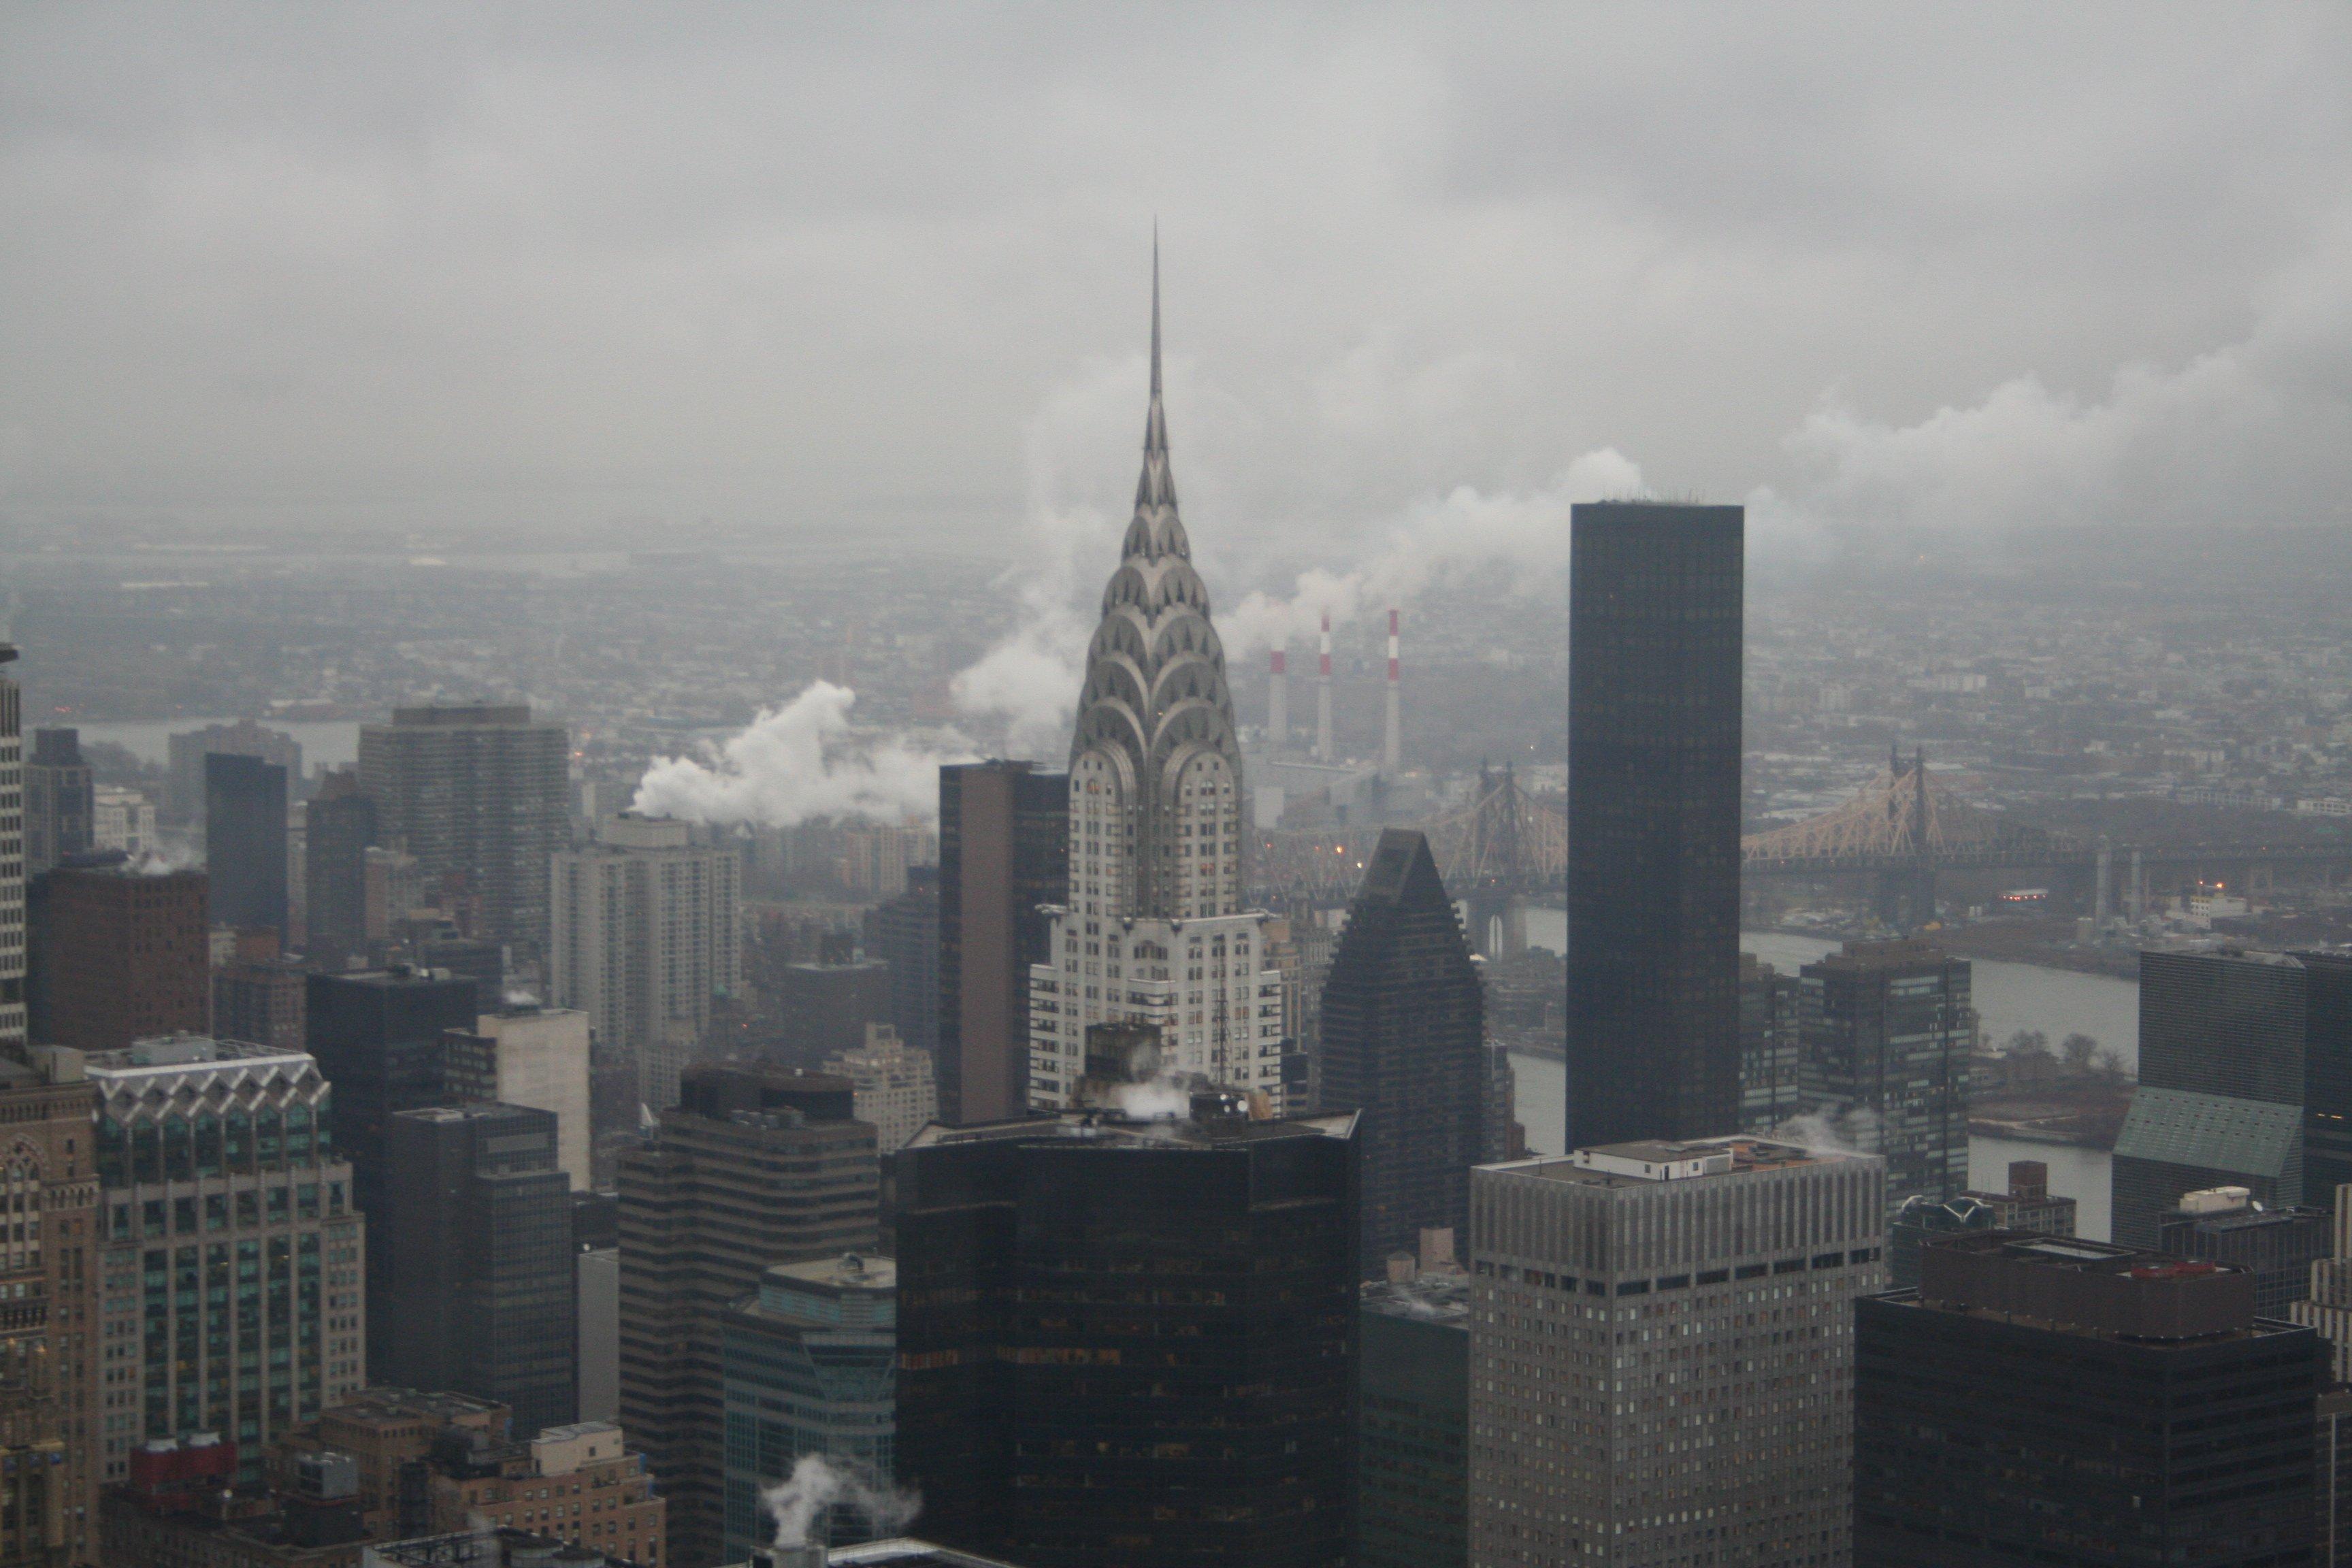 Chrysler Building Wikipedia: File:Chrystler312302005.jpg